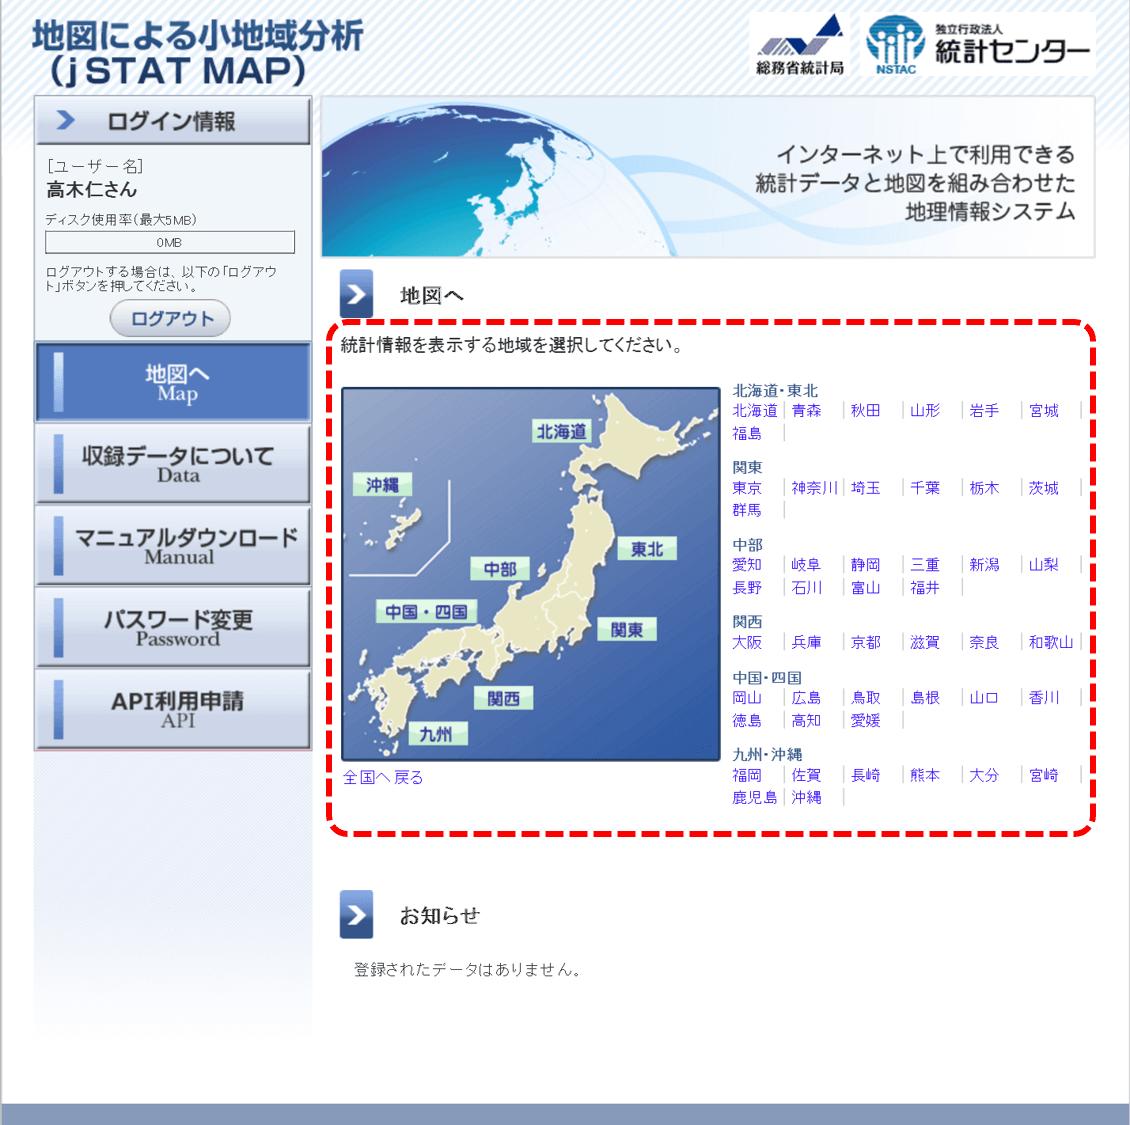 jSTAT MAP初期画面